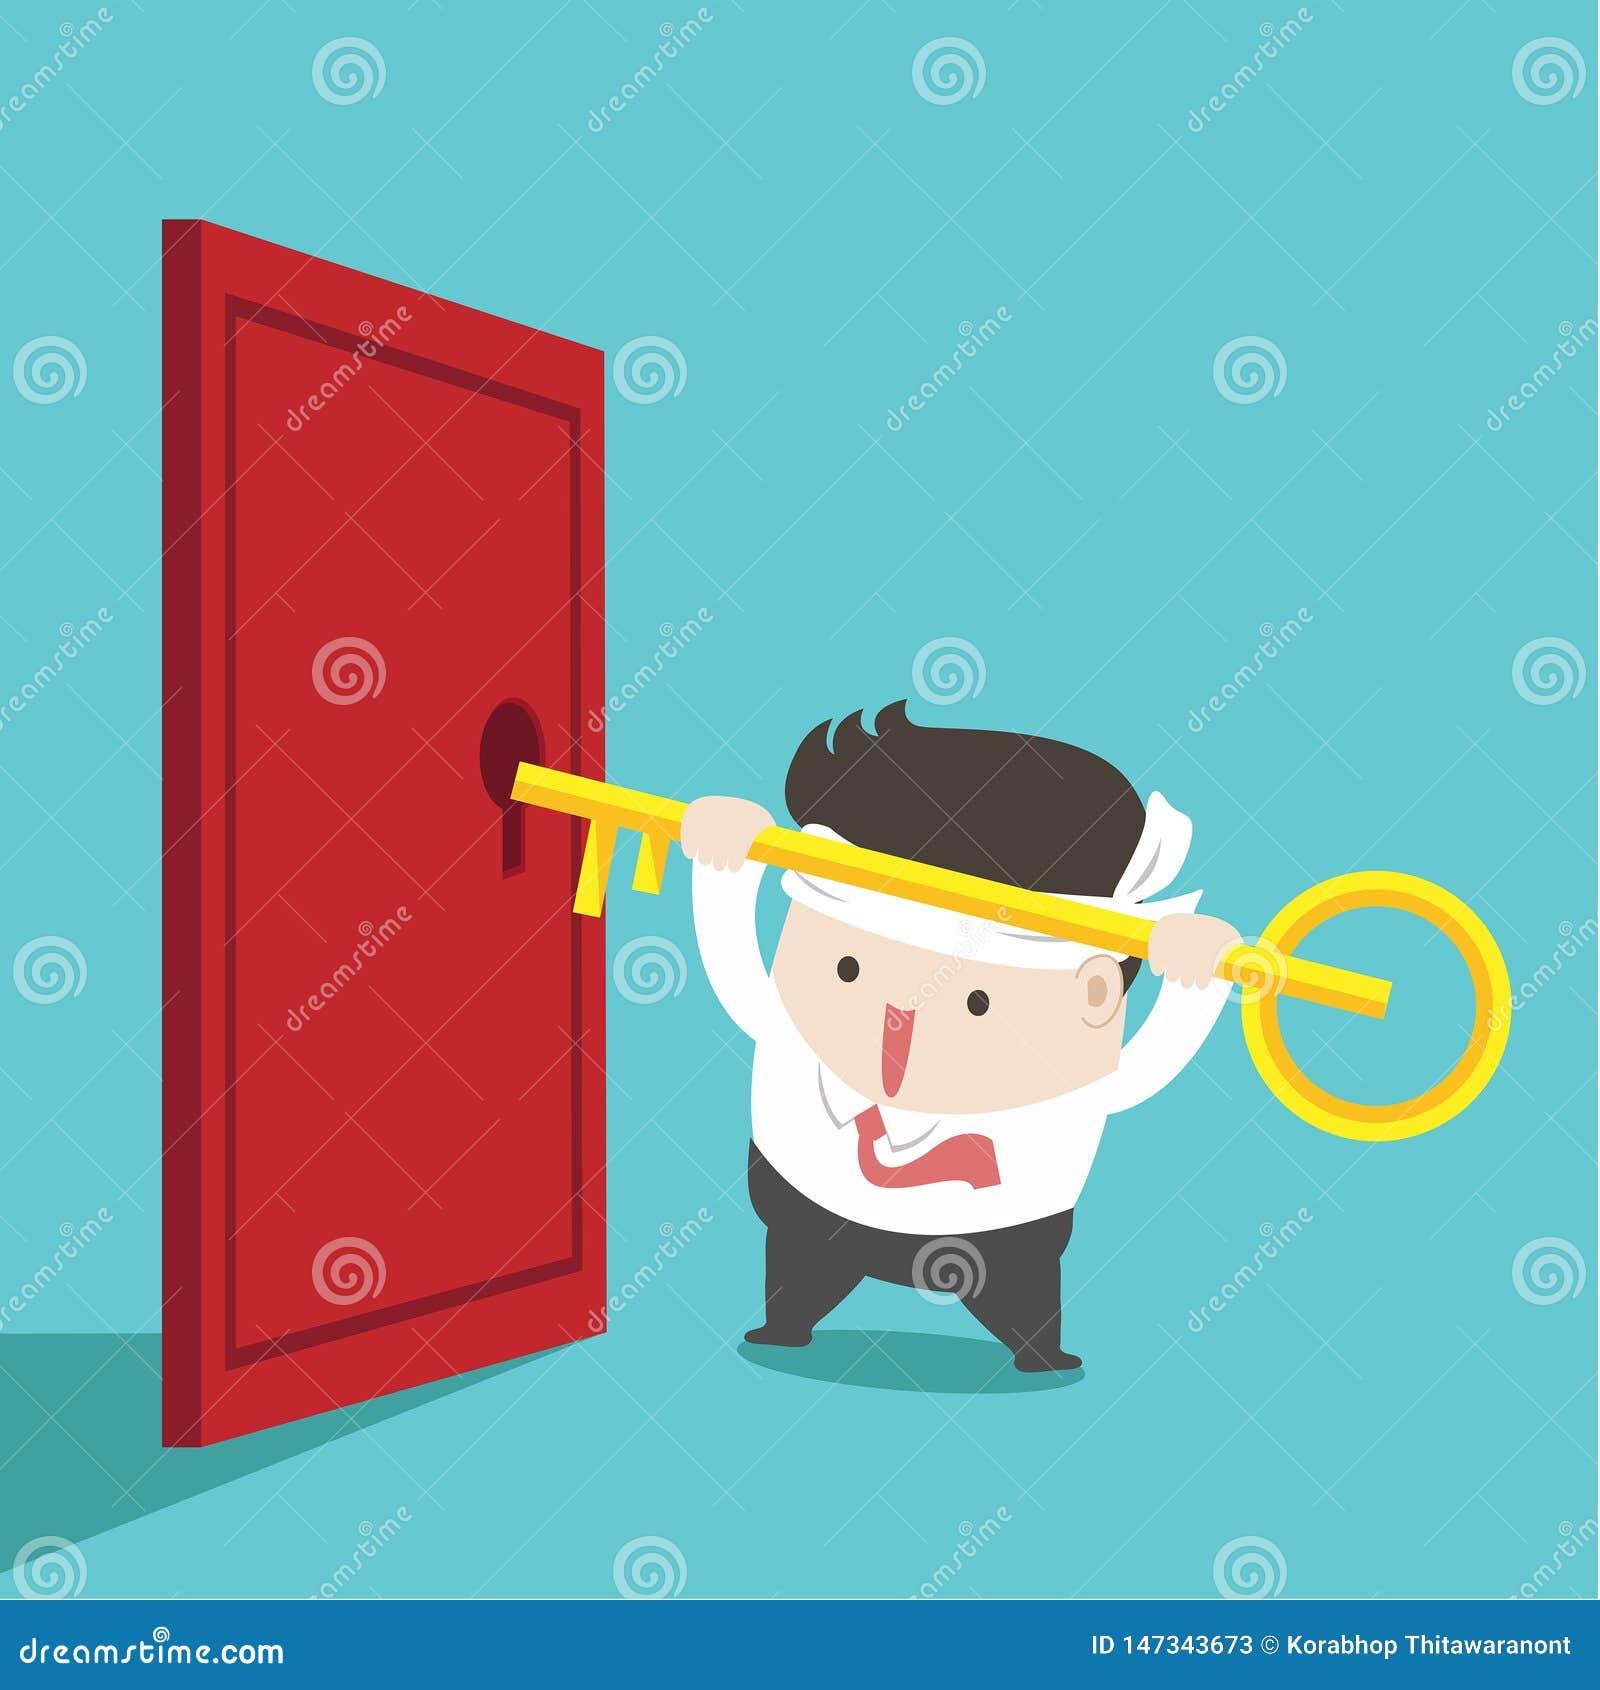 The businessman unlock the door in green background.